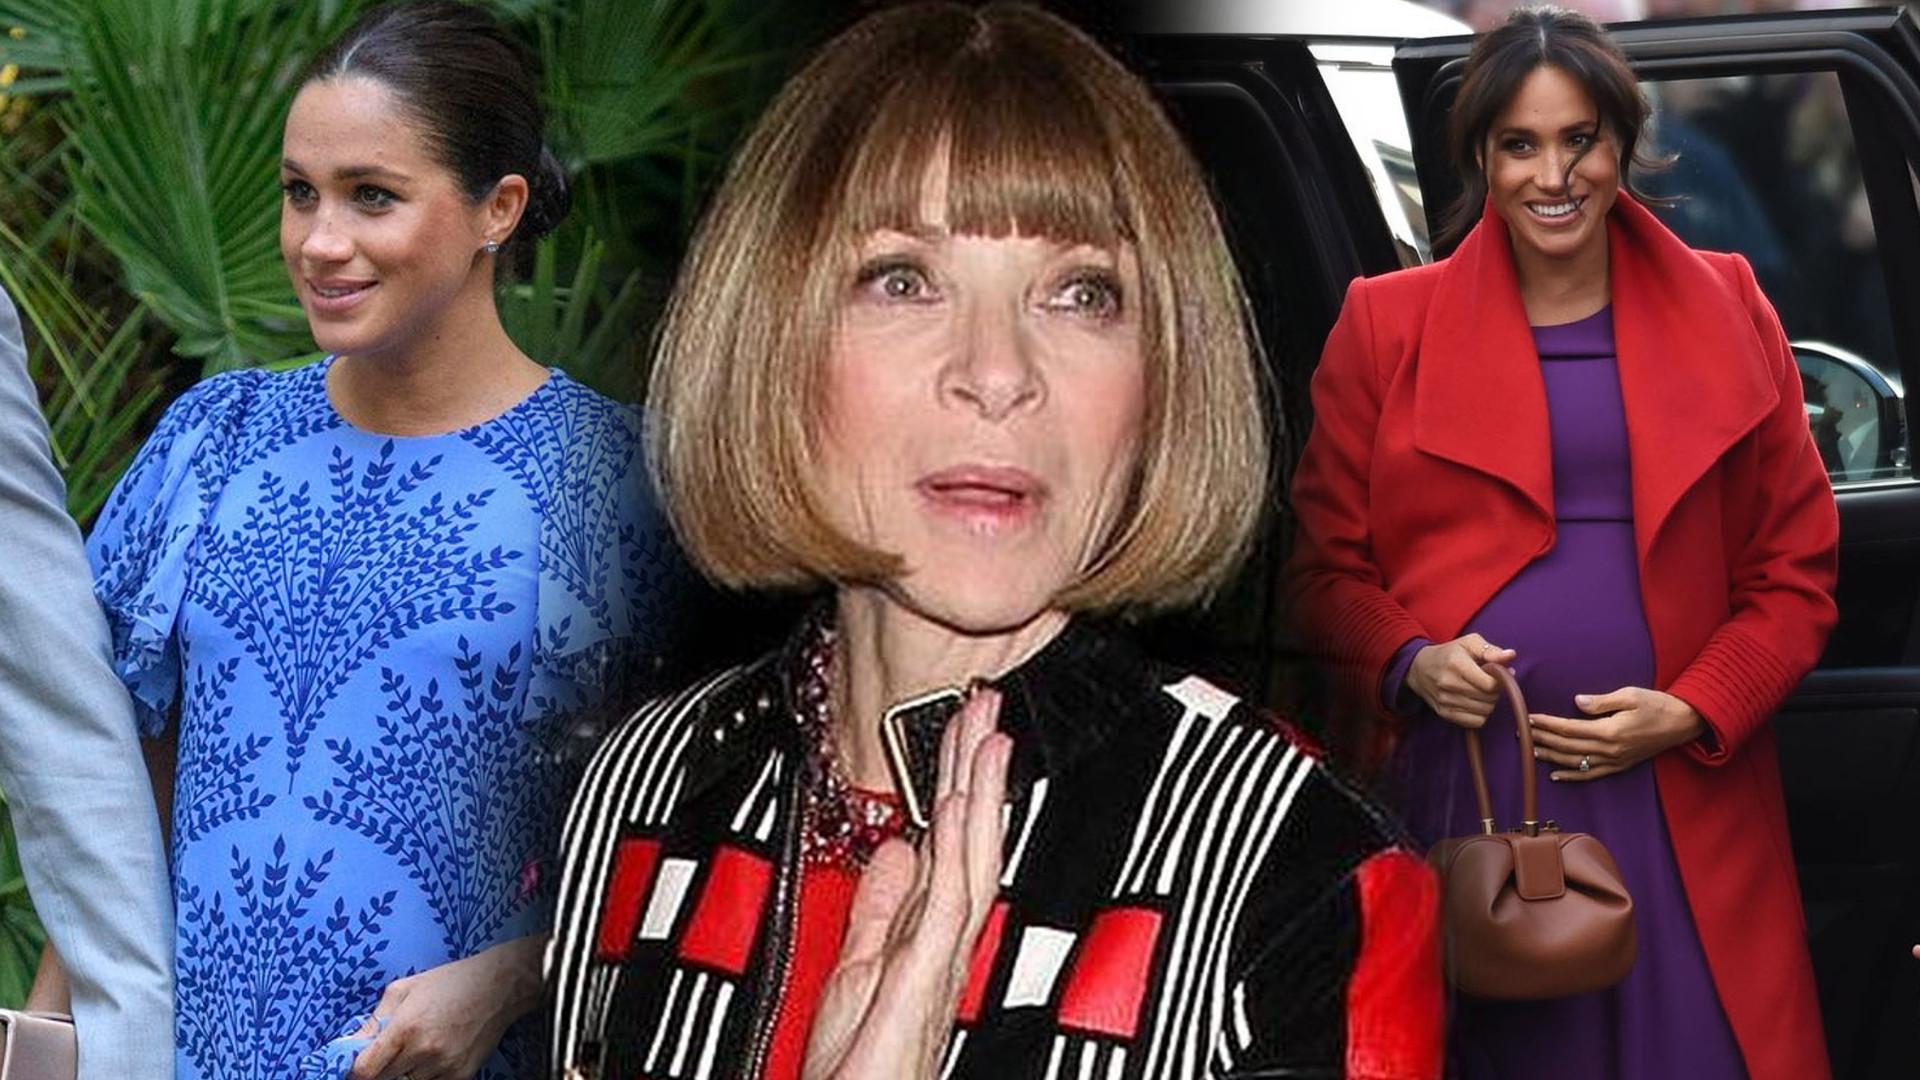 Anna Wintour zaskakująco o stylu Meghan Markle w ciąży. Jej rada dla księżnej dotyczy WSZYSTKICH kobiet